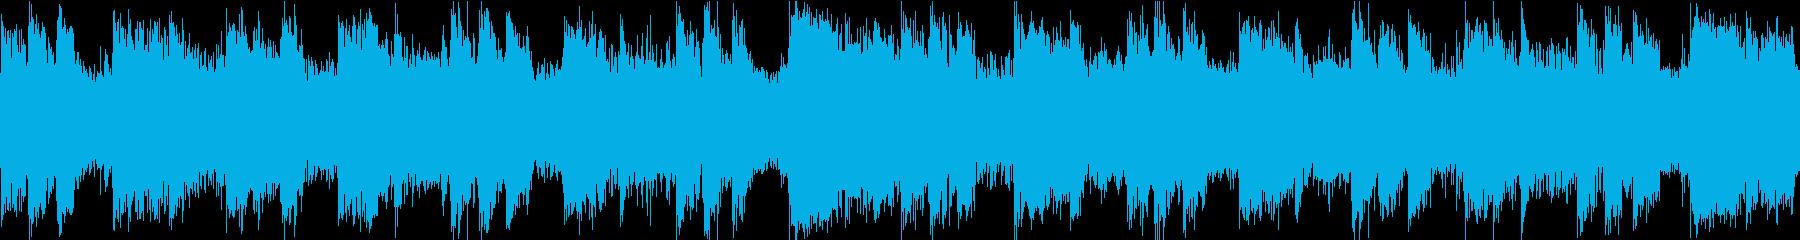 アゲアゲ テクノ ループの再生済みの波形